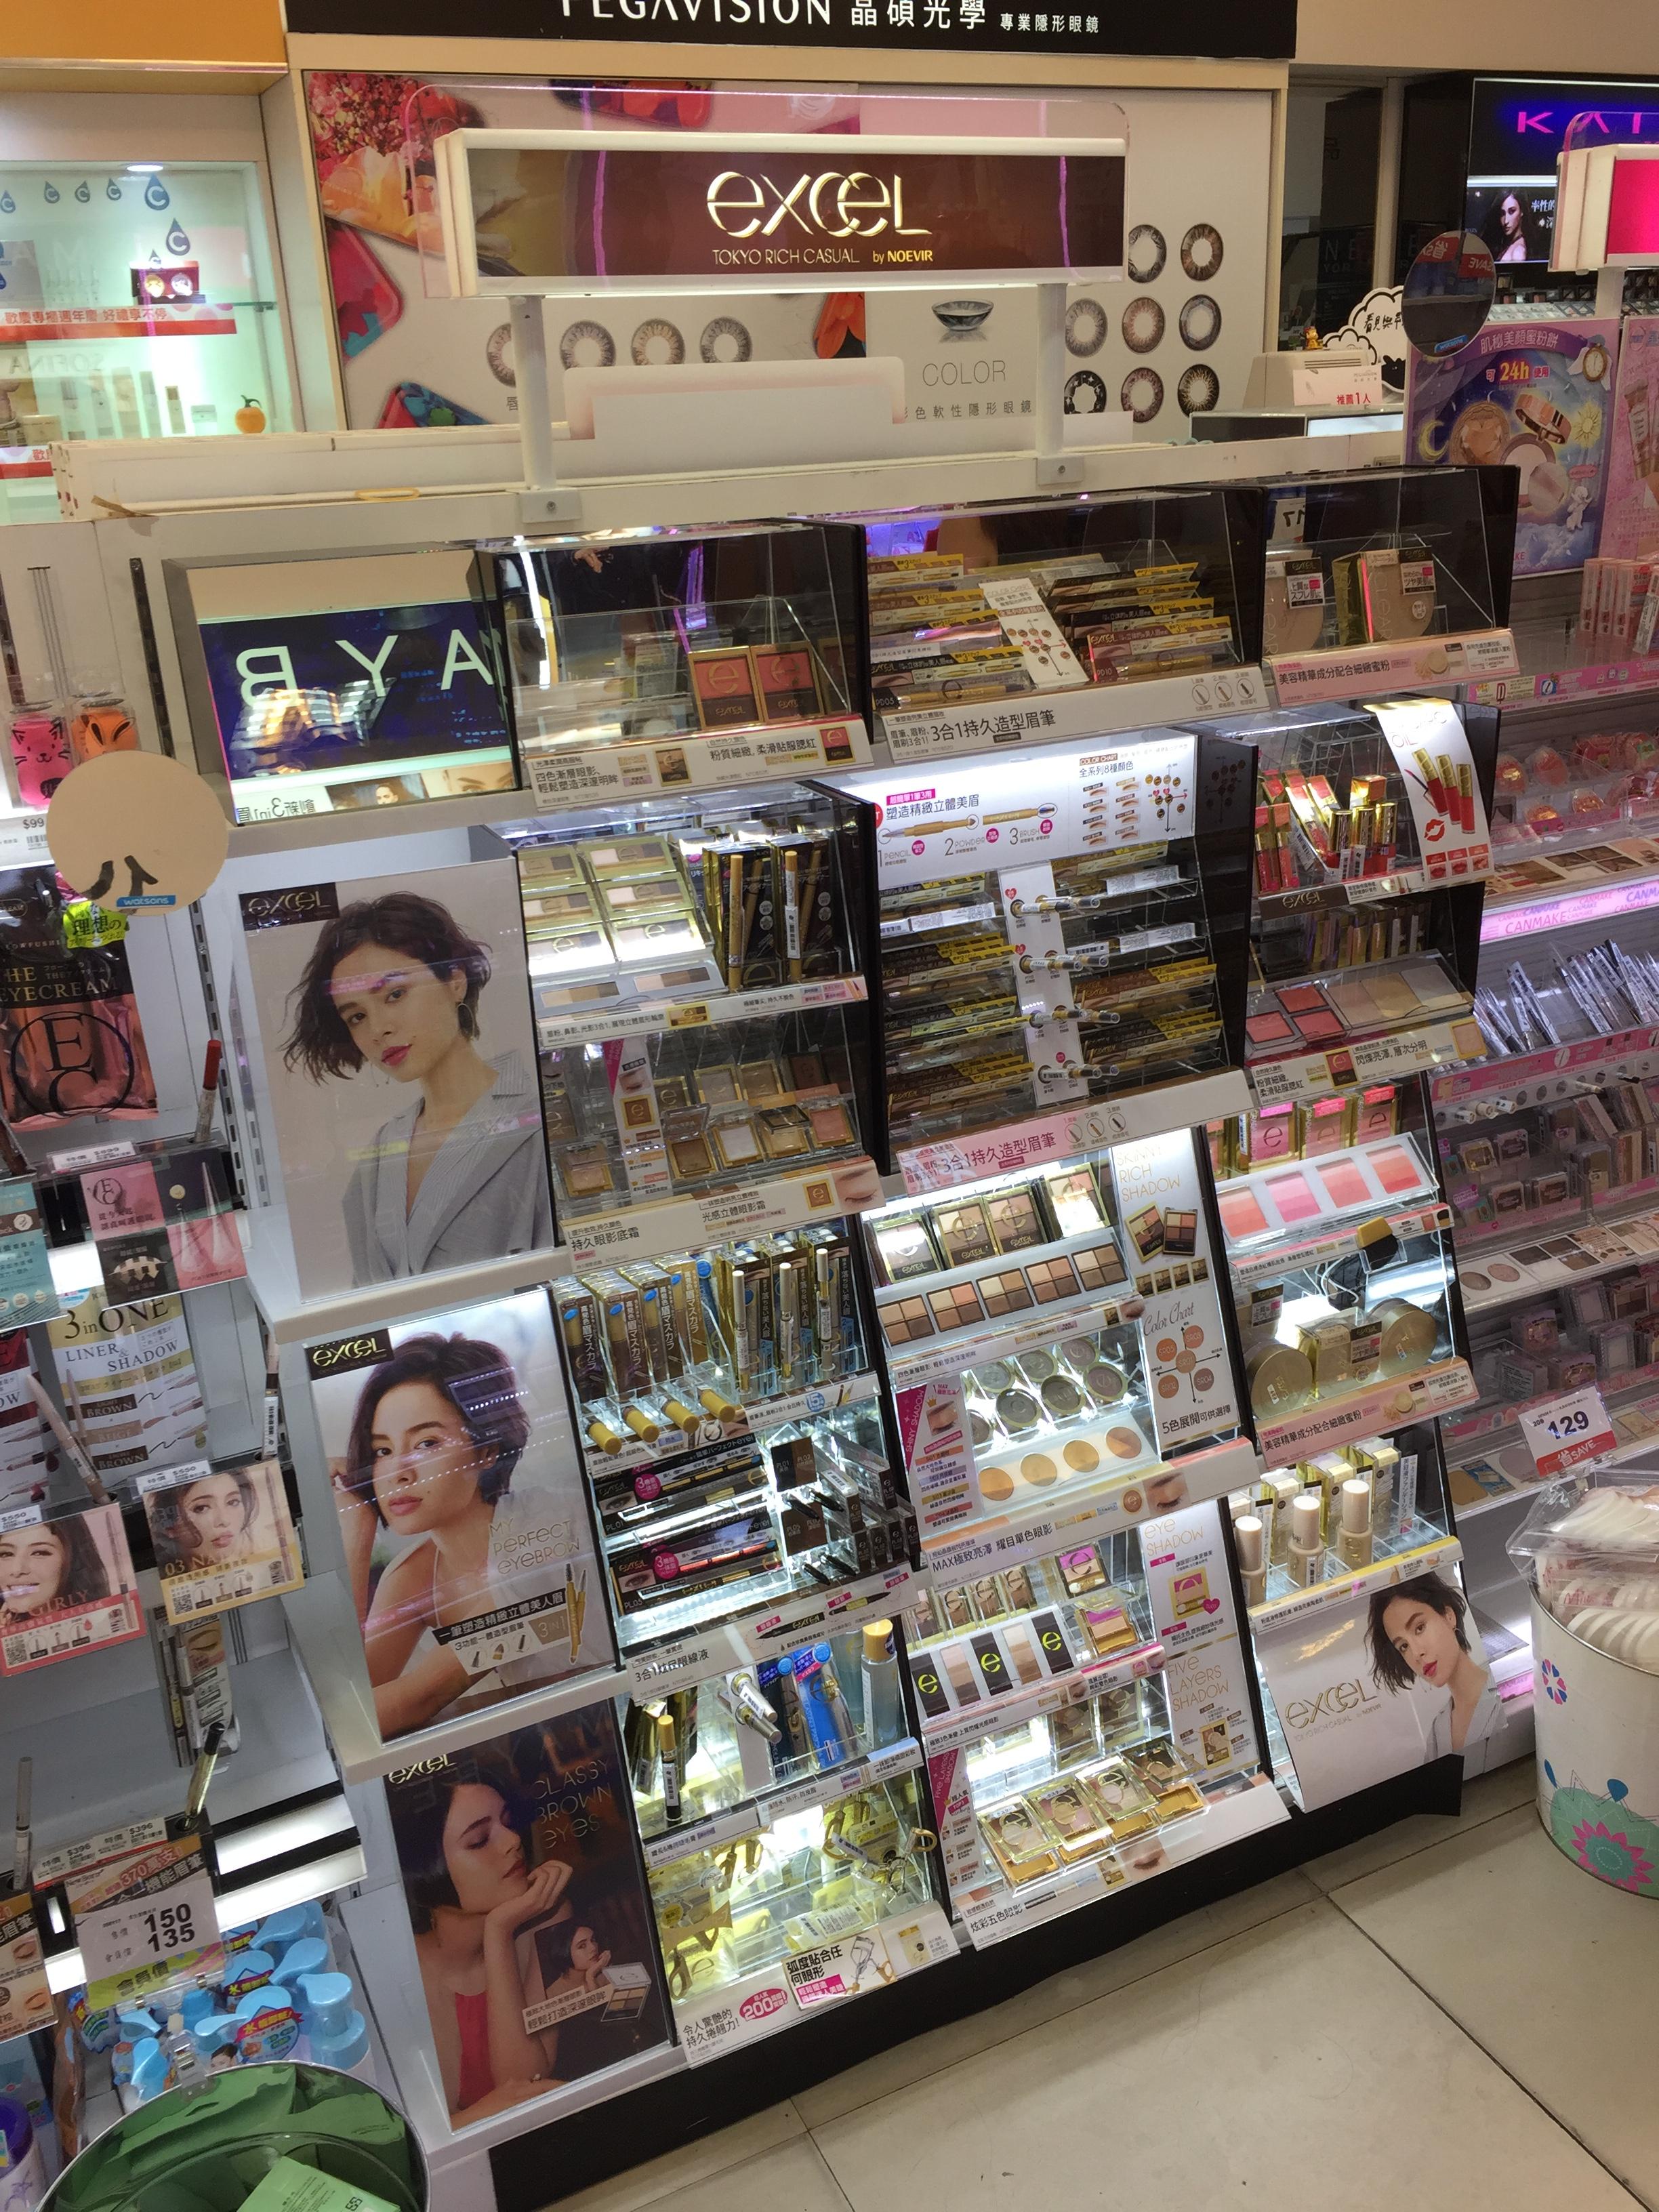 excel-彩妝品之壁櫃式展示架